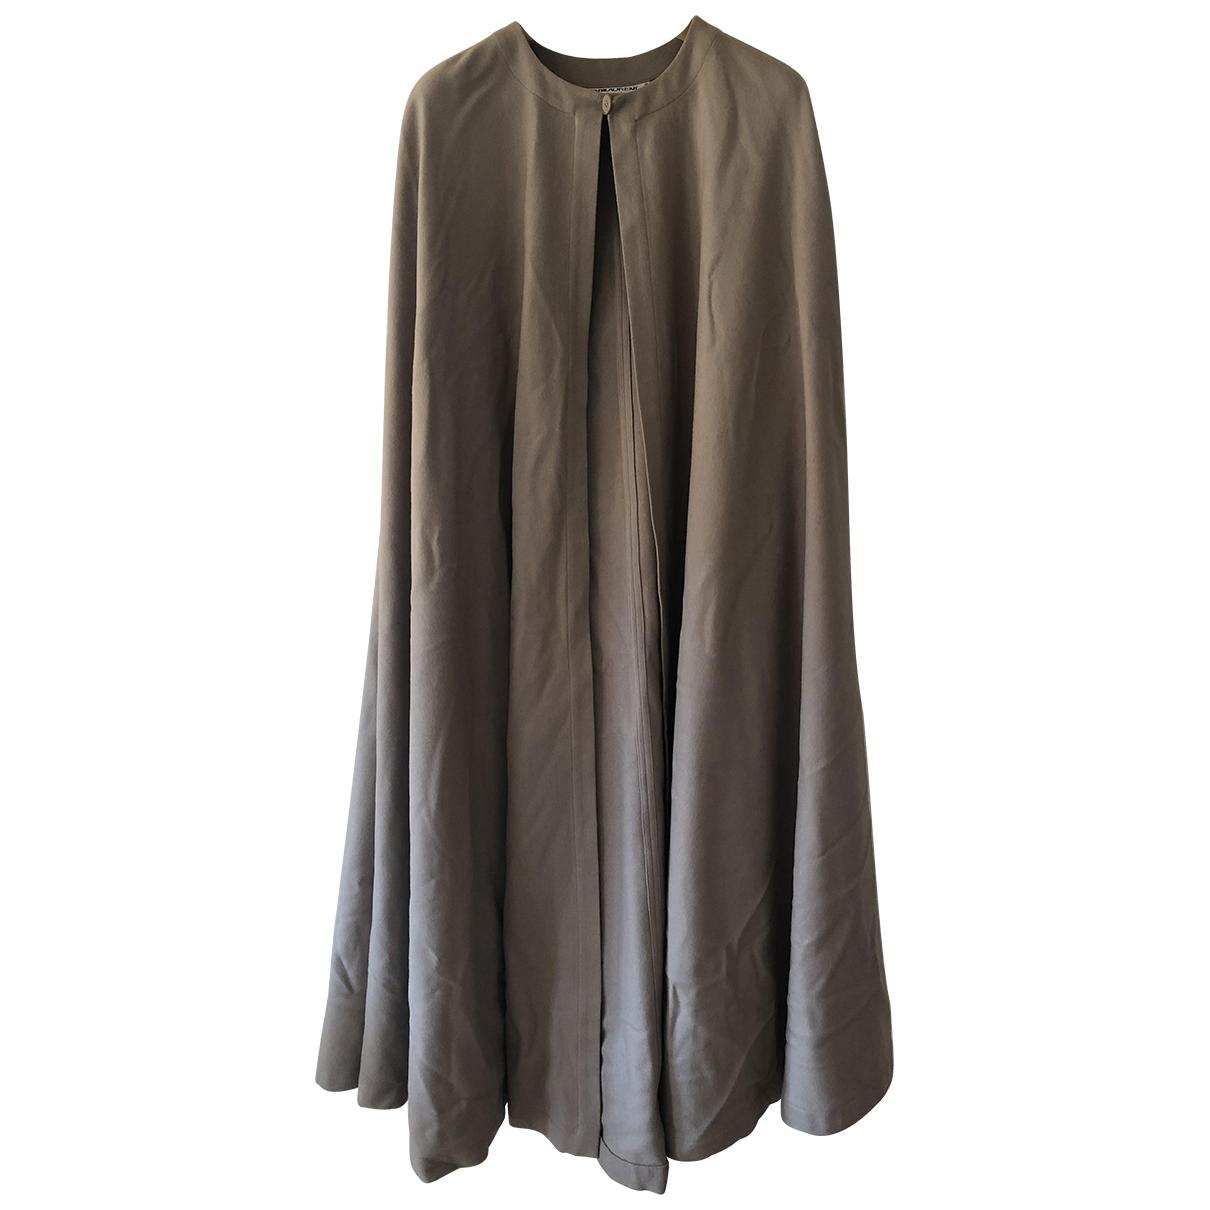 Yves Saint Laurent \N Jacke in  Beige Wolle